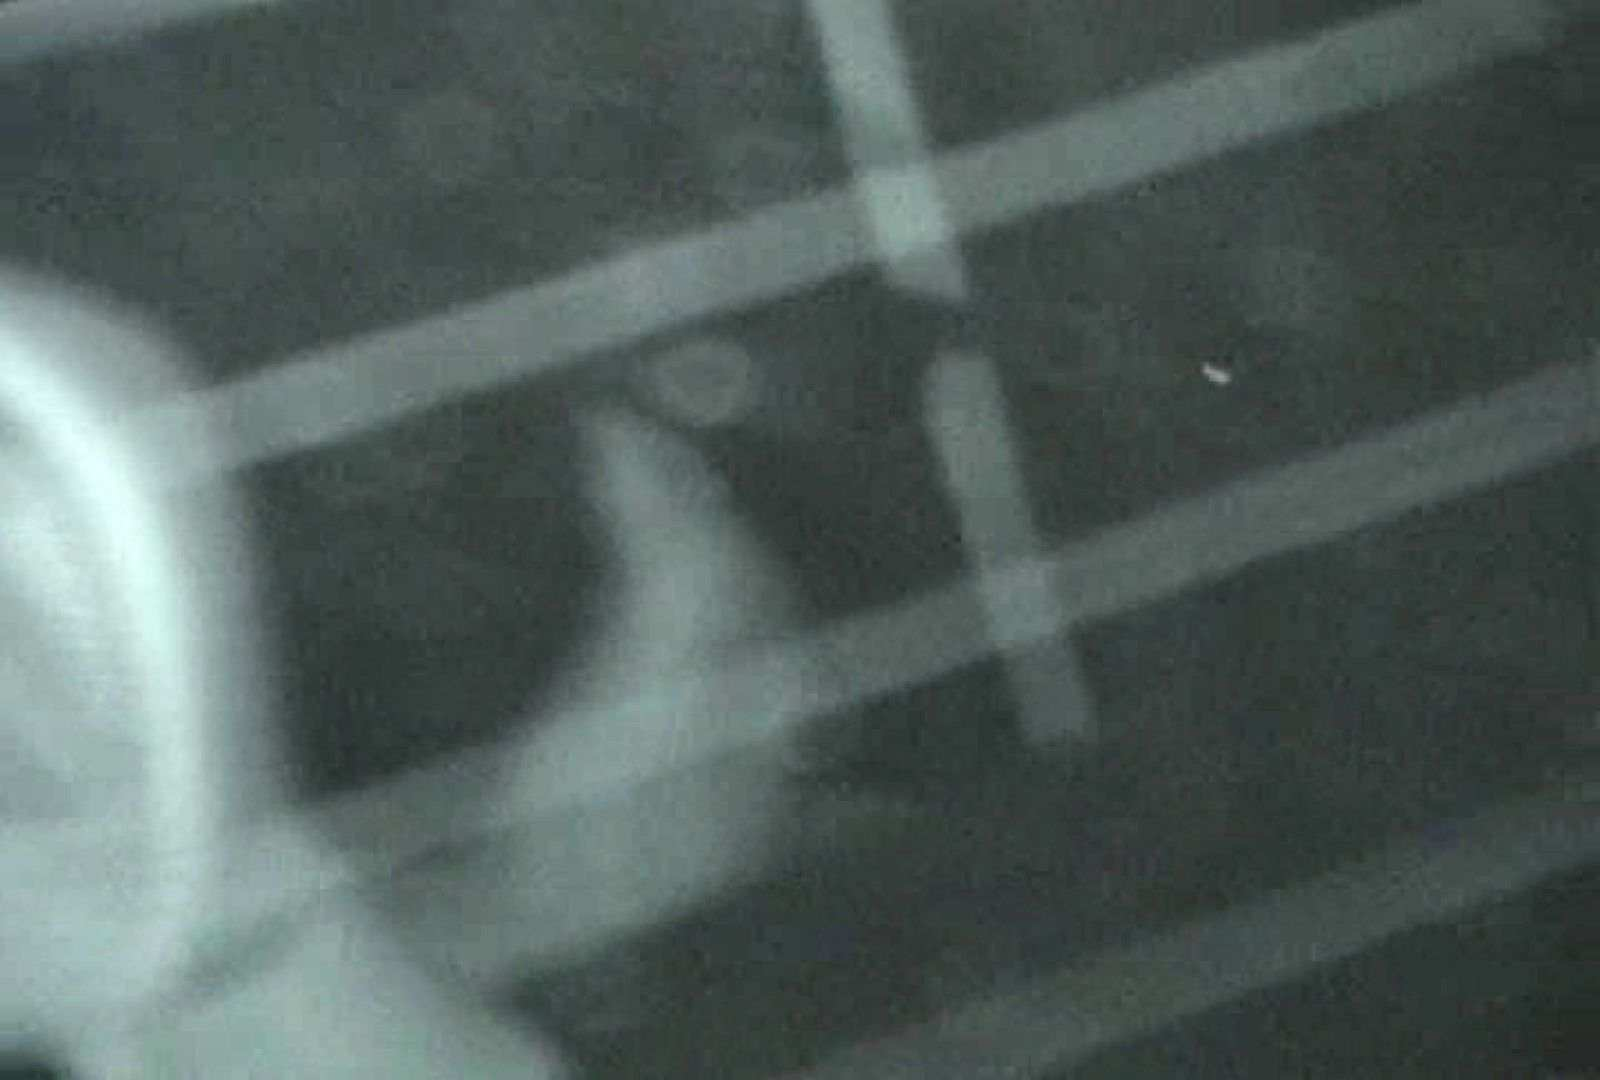 充血監督の深夜の運動会Vol.42 カップル盗撮 ワレメ動画紹介 55画像 19